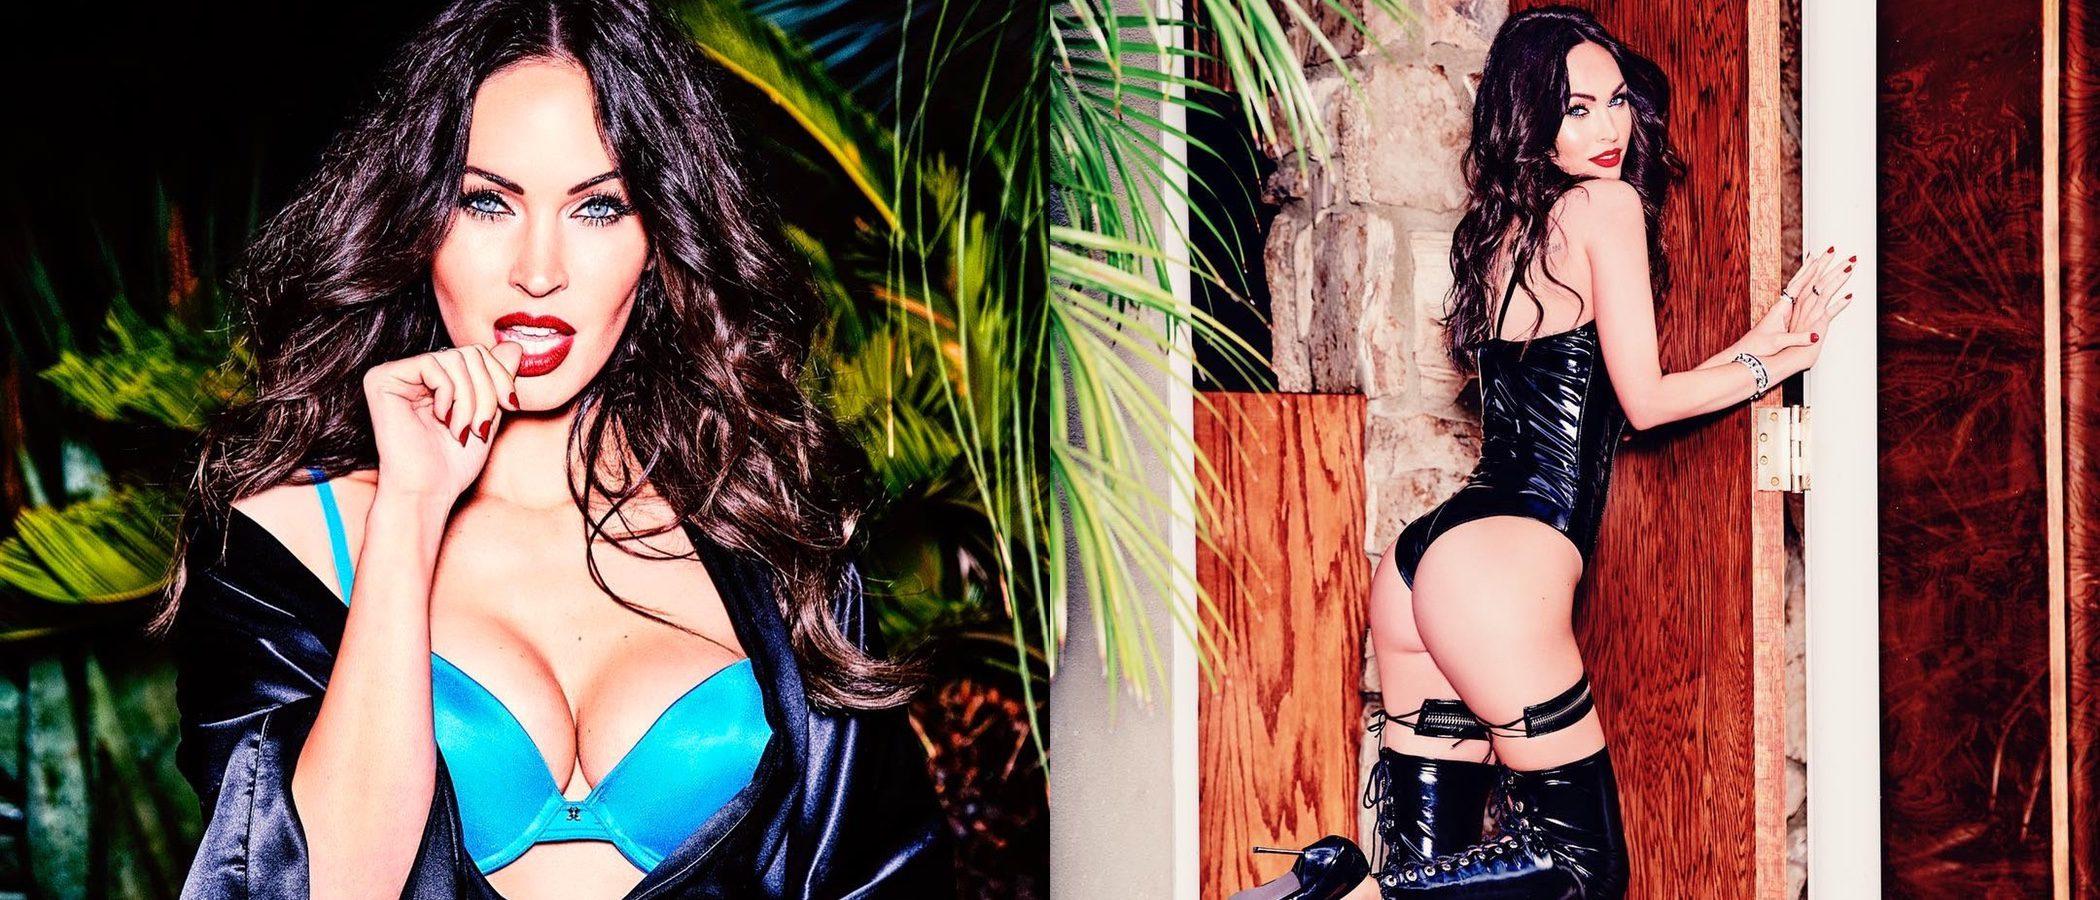 Megan Fox se luce en la nueva campaña de lencería de Frederick's of Hollywood